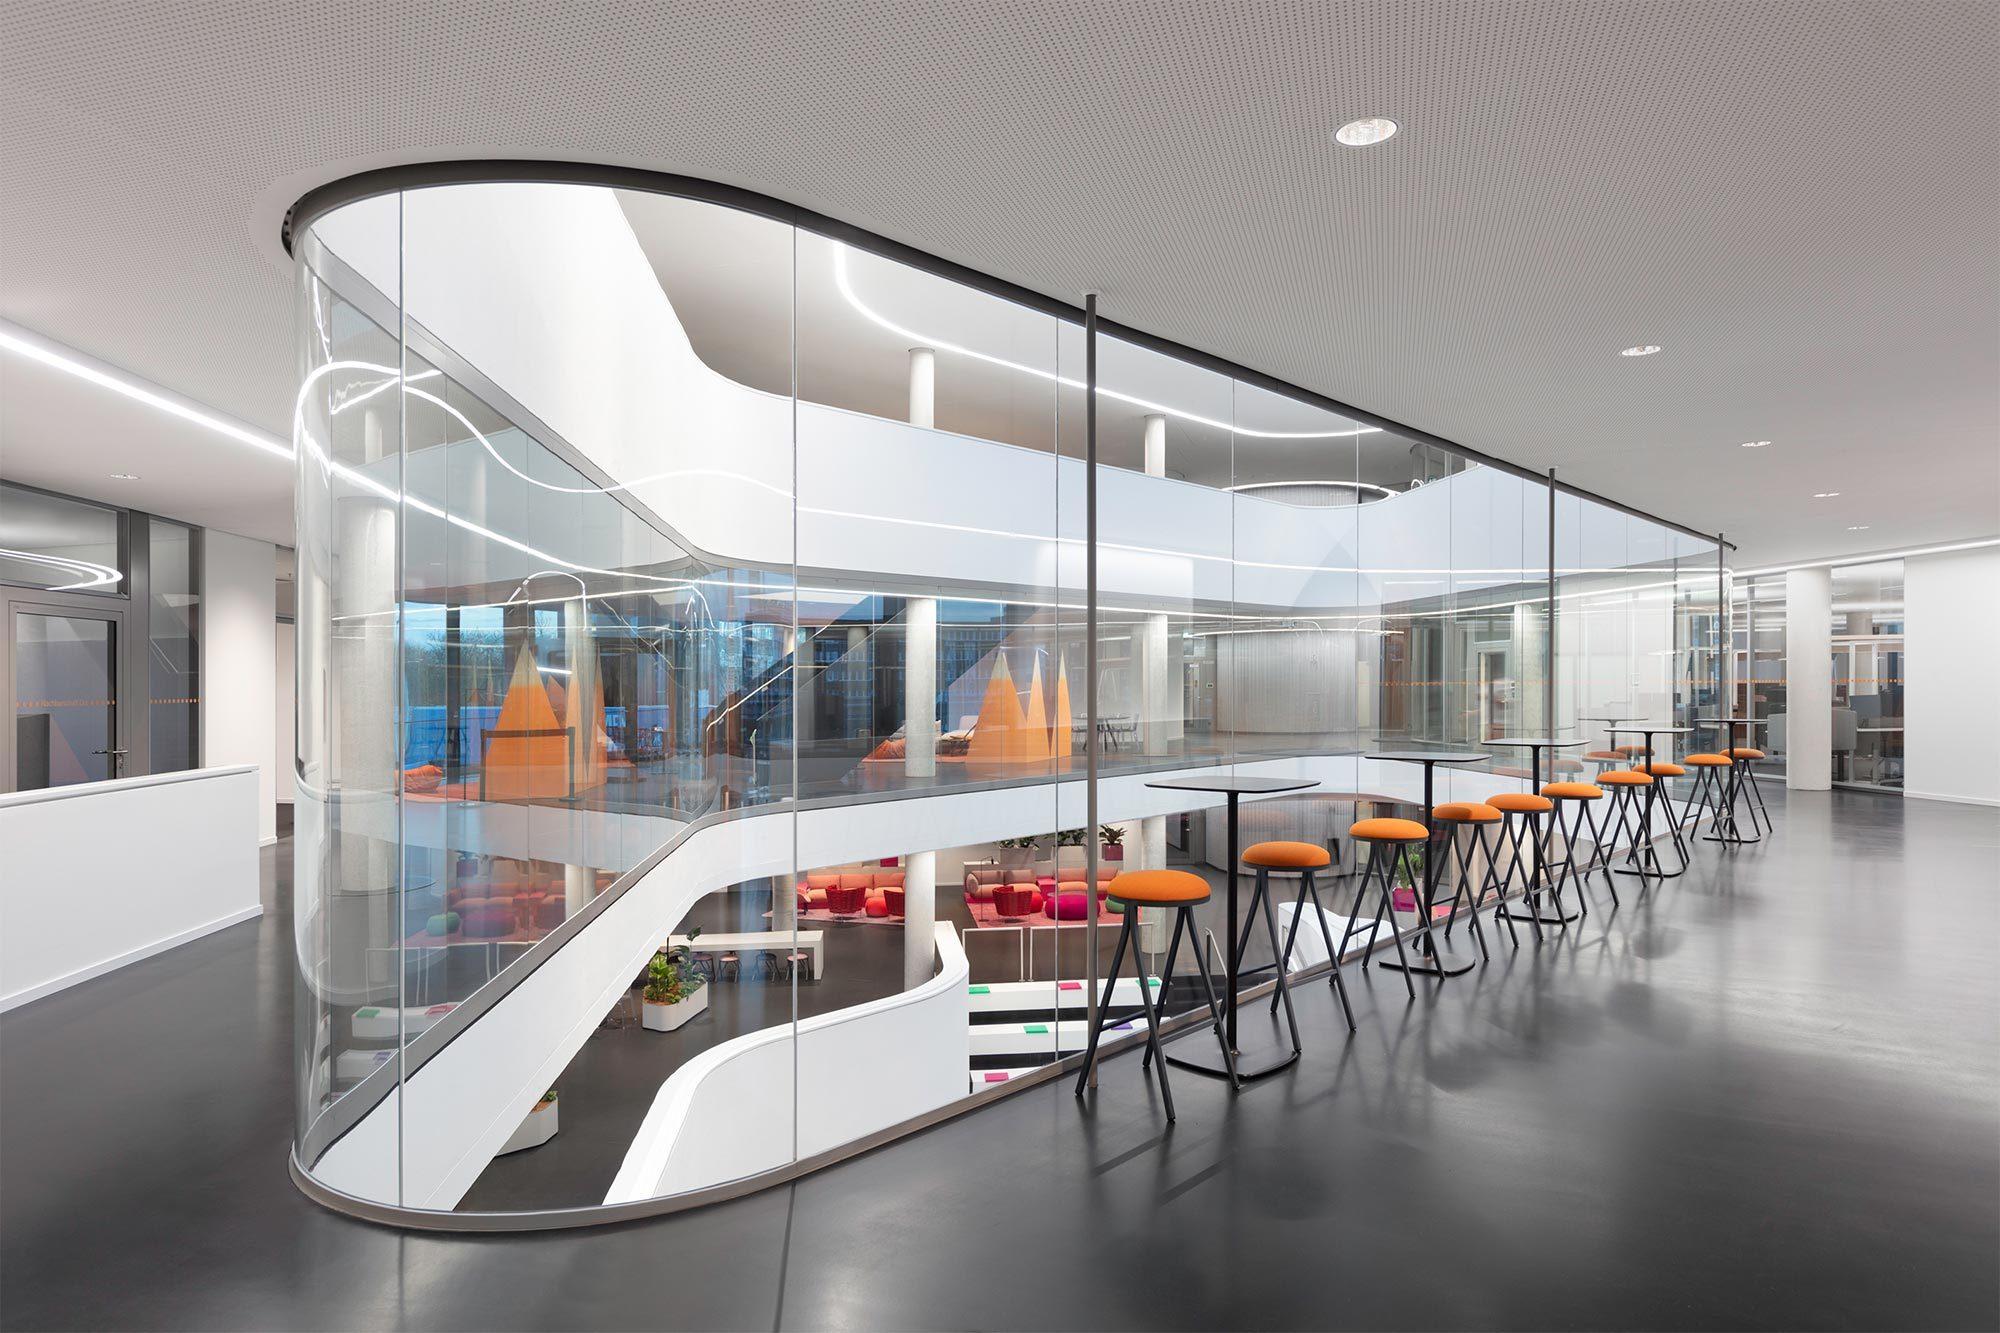 In der neuen Unternehmenszentrale von Covestro in Leverkusen wurde die klassische Zellenstruktur in eine aktivitätsbasierte Arbeitsumgebung überführt. Foto: Werner Huthmacher